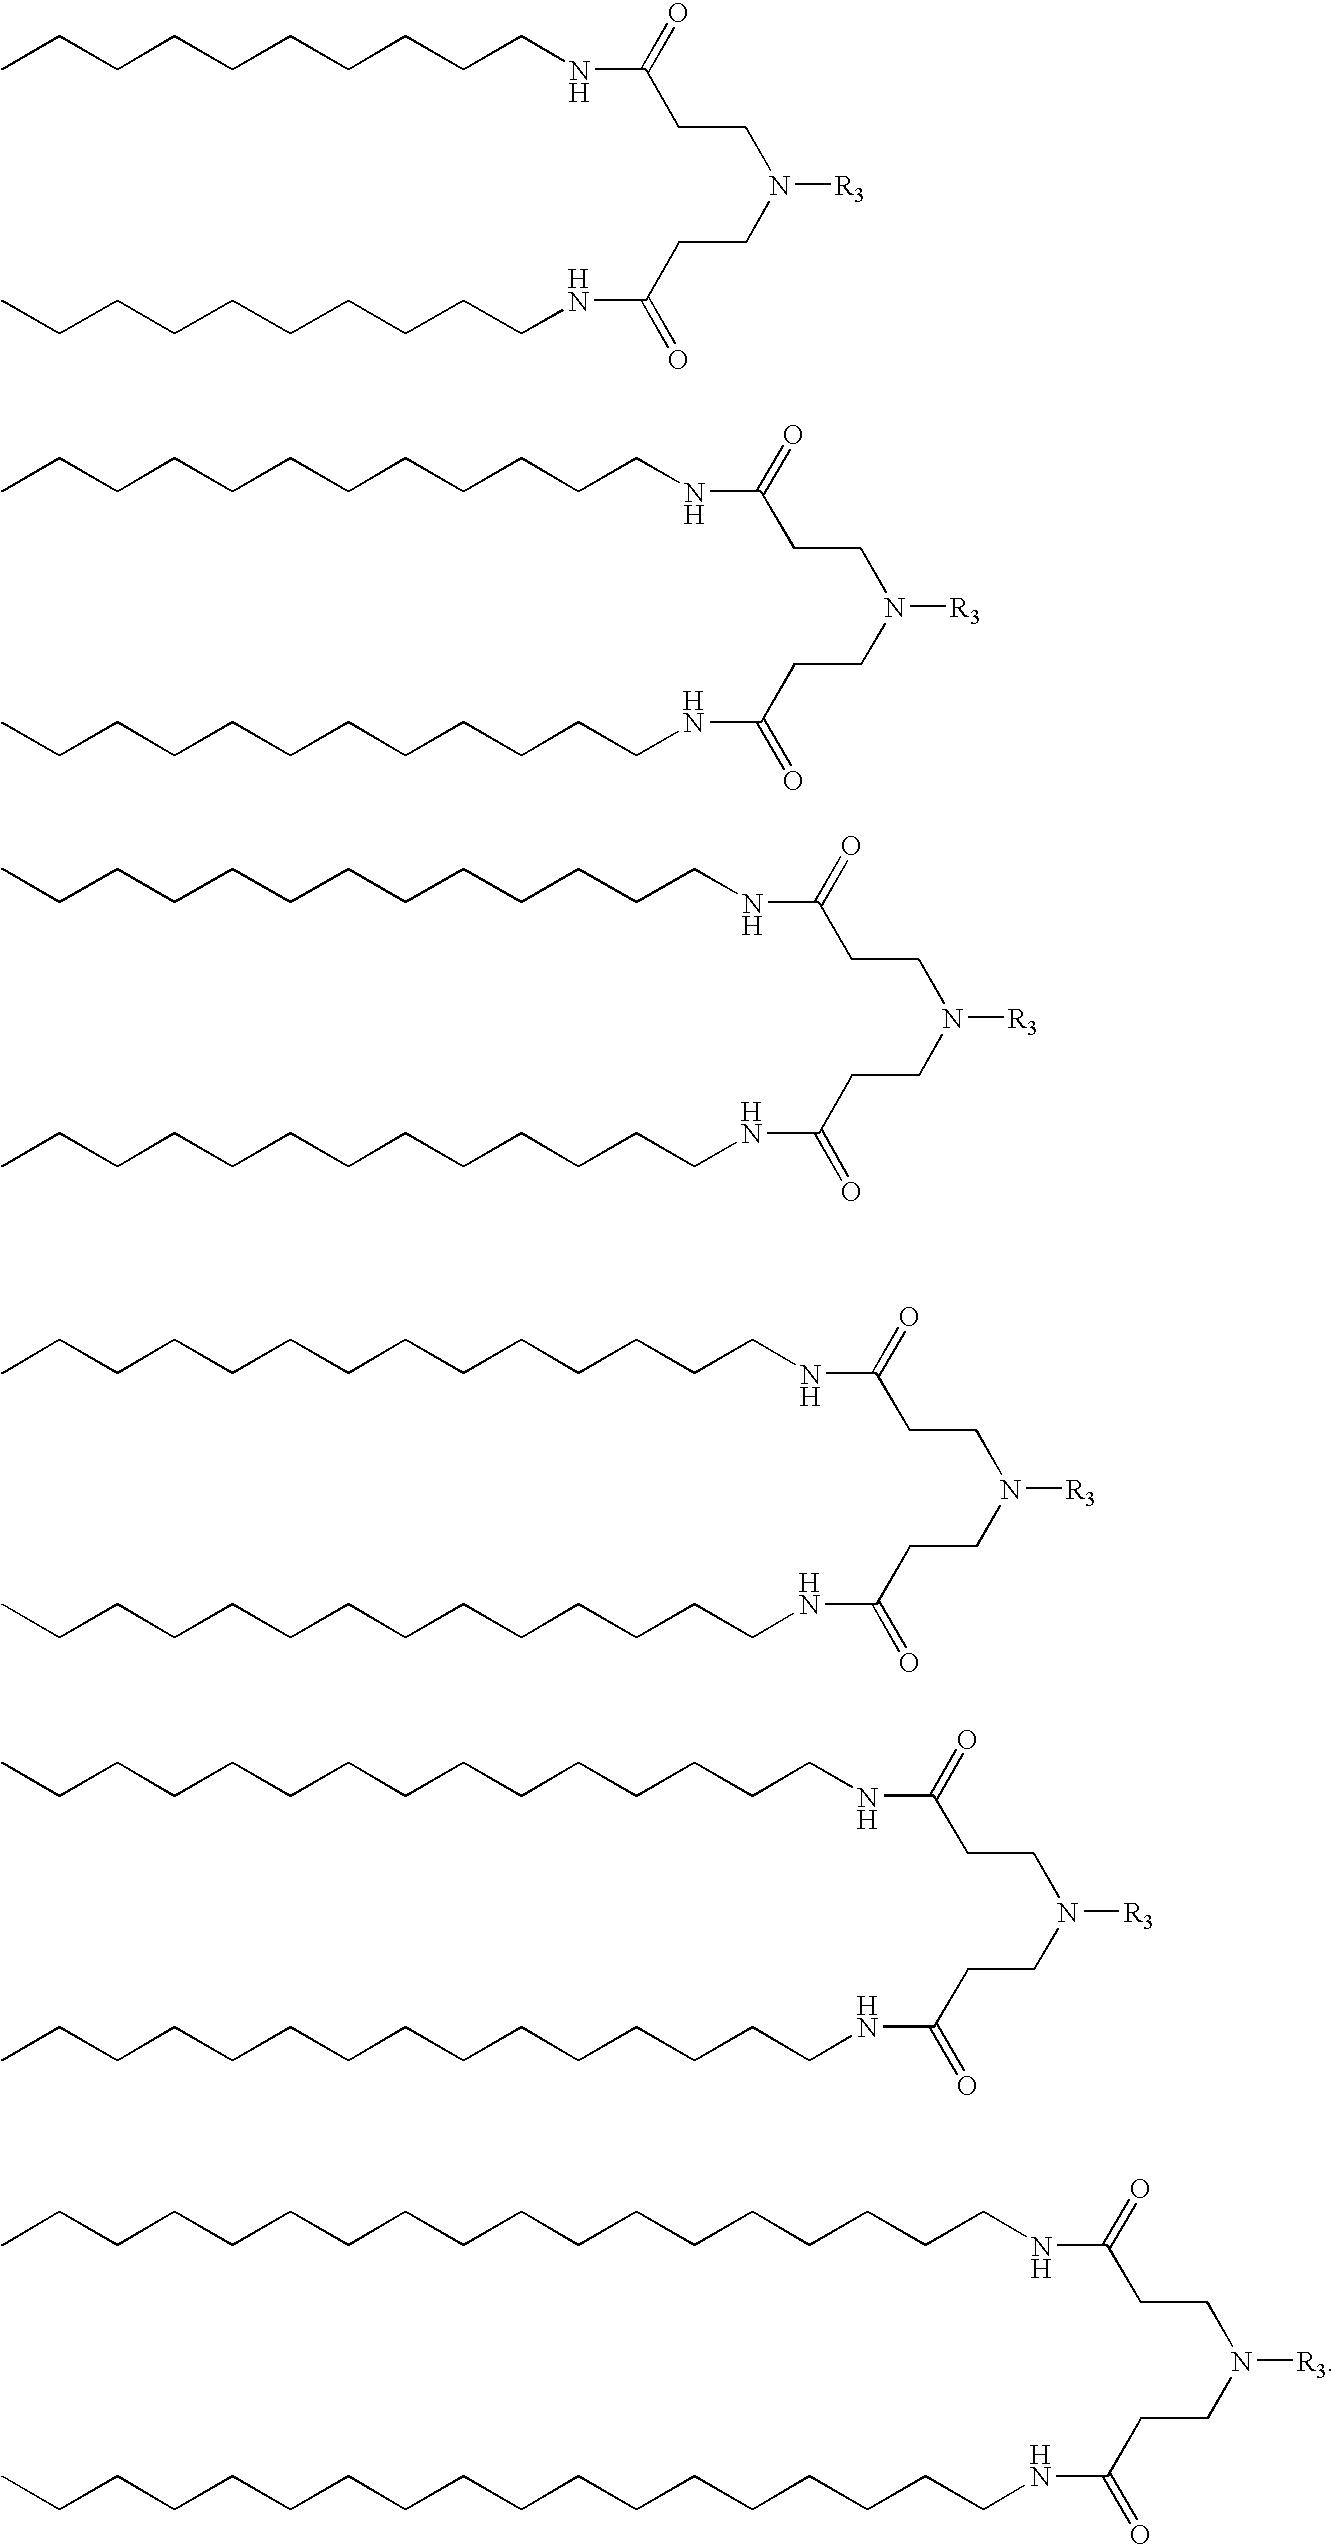 Figure US20110009641A1-20110113-C00018